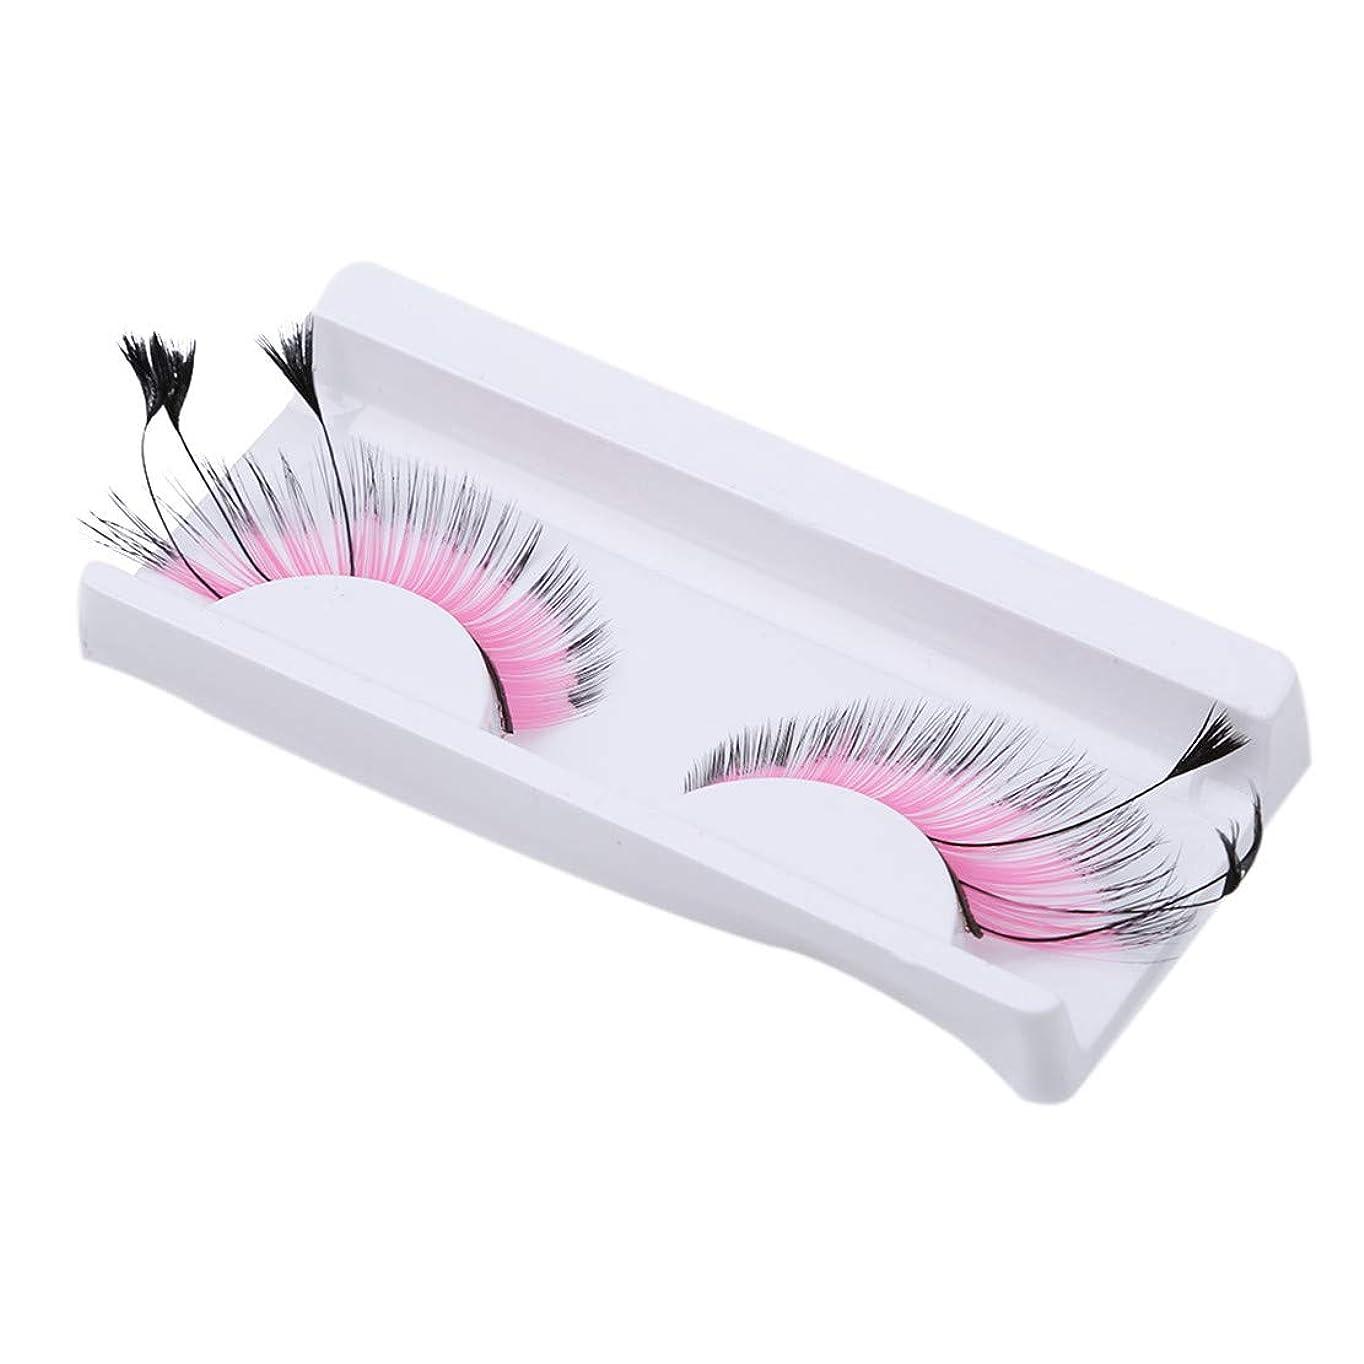 耐えられる六分儀積極的にBotreelife つけまつげナチュラル太くて長い偽のまつ毛エクステメイクアップツール、ローズピンク